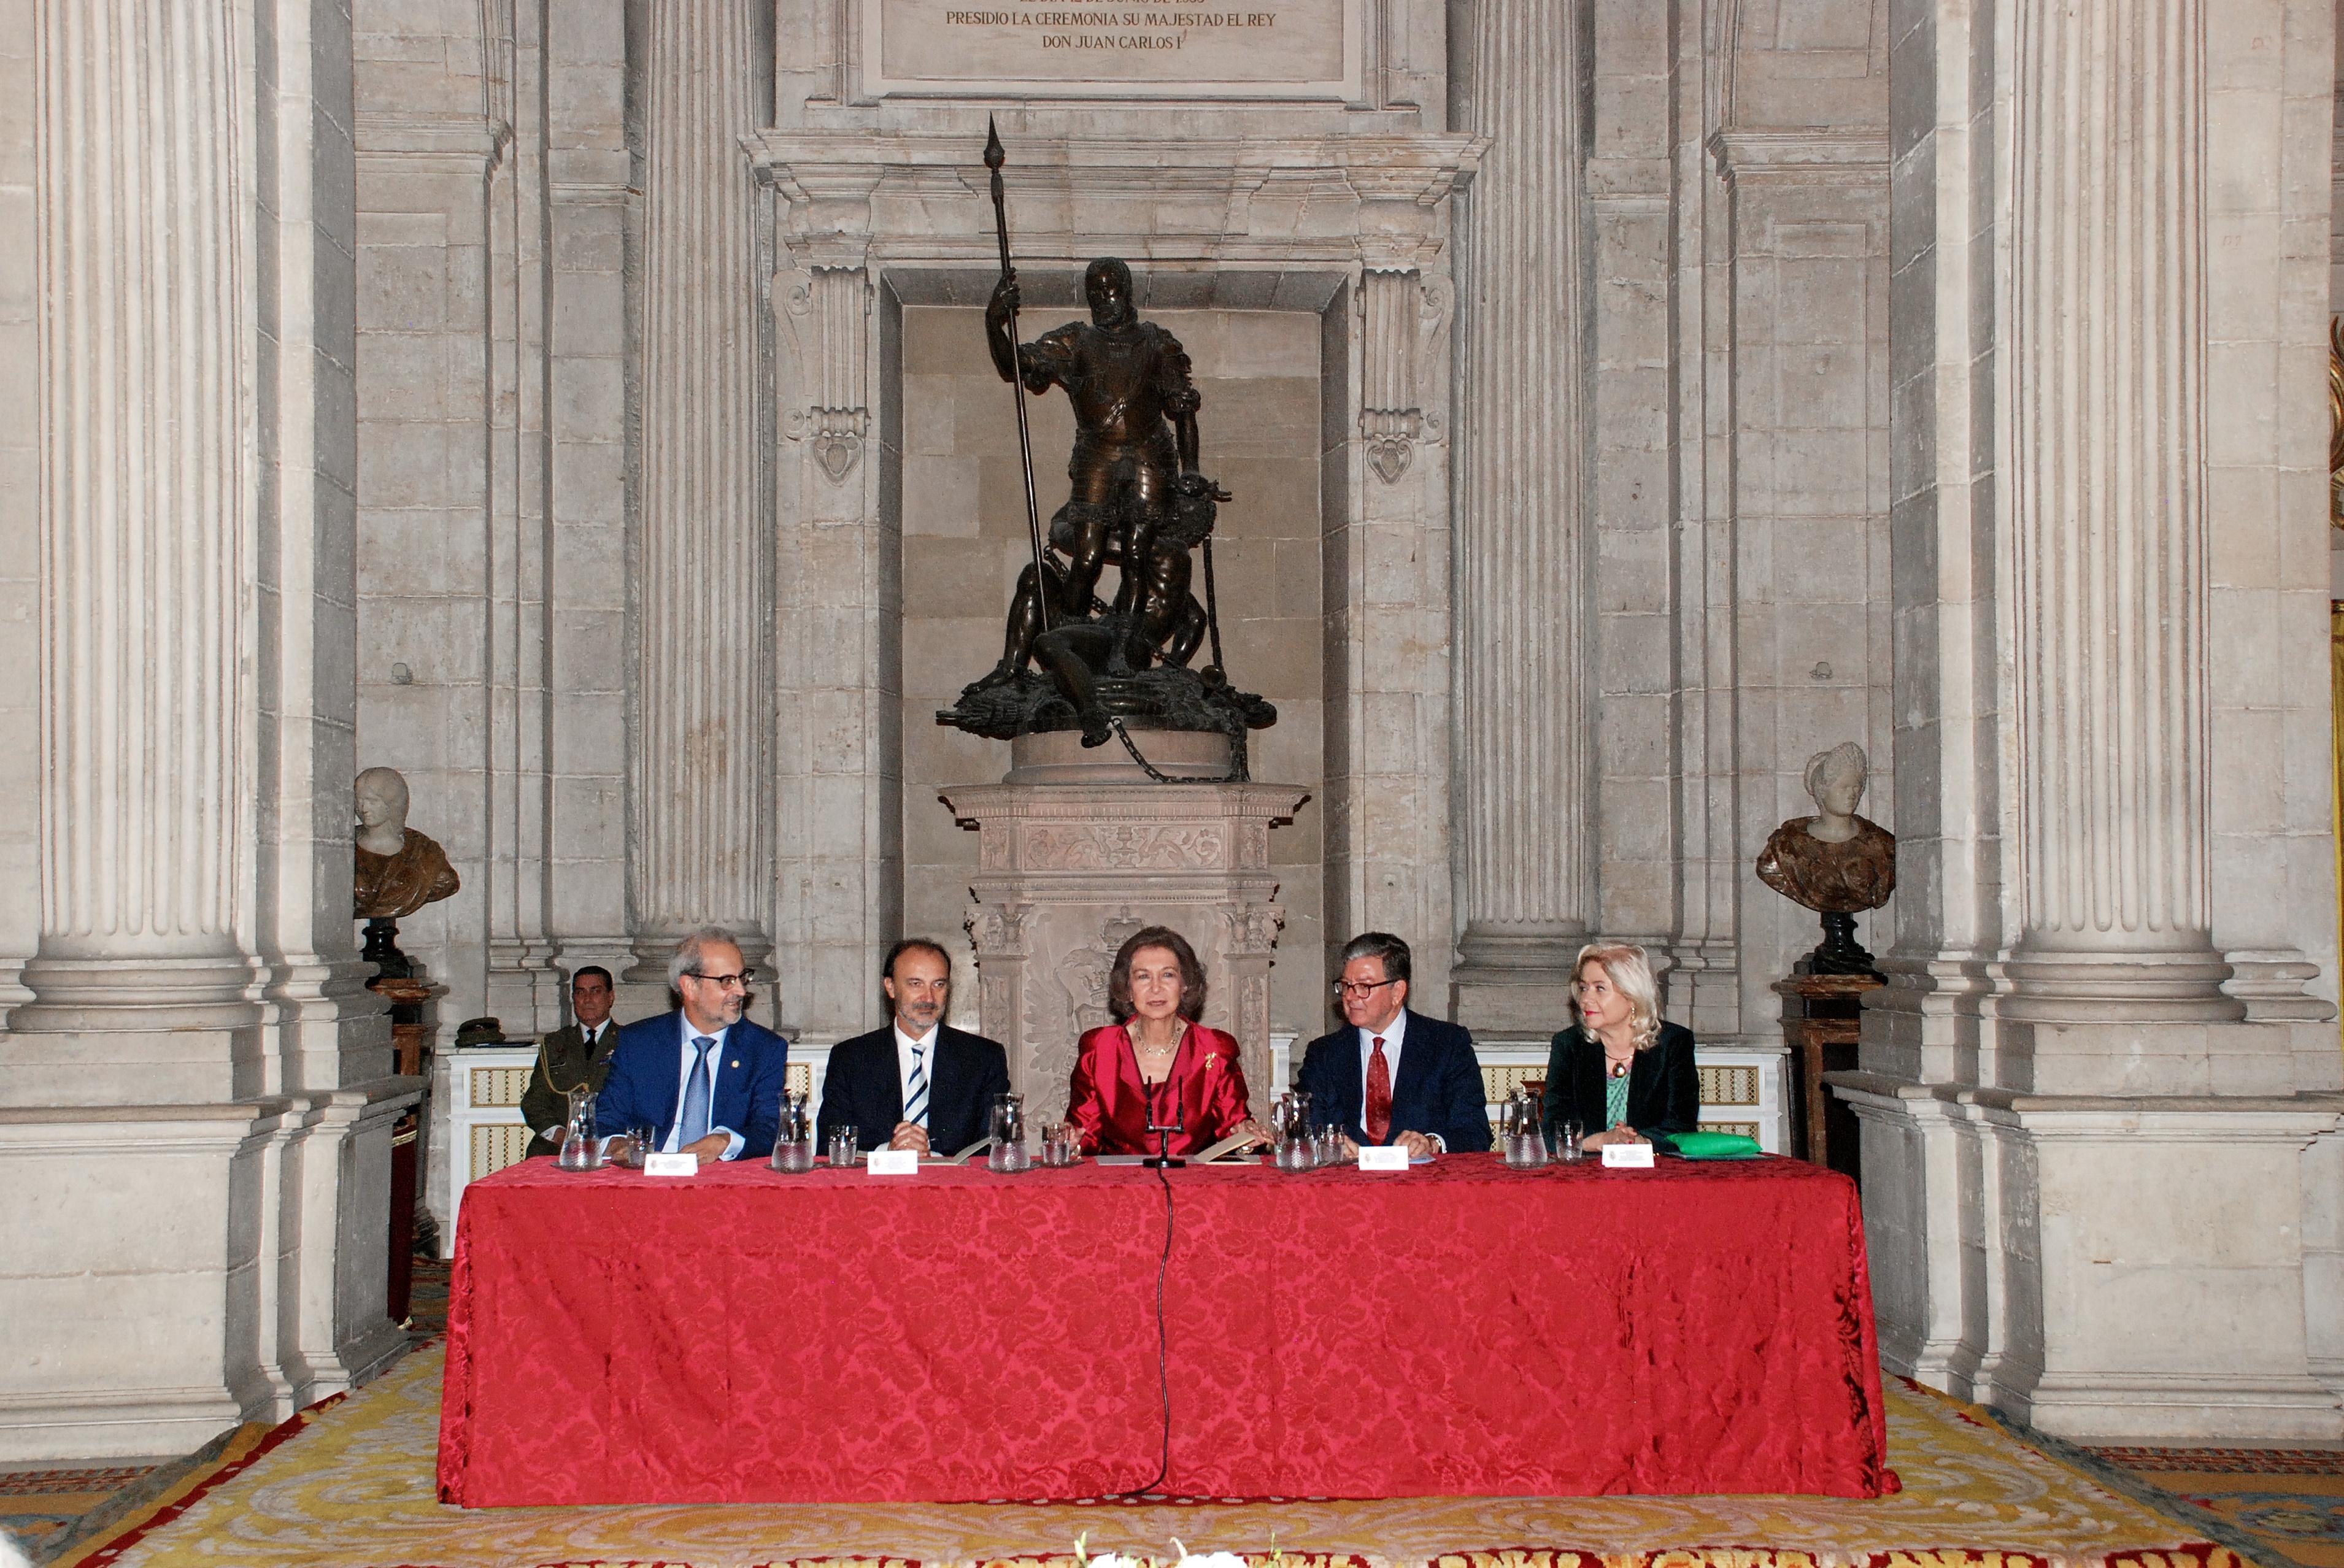 La escritora uruguaya Ida Vitale recibe emocionada el XXIV Premio Reina Sofía de Poesía Iberoamericana